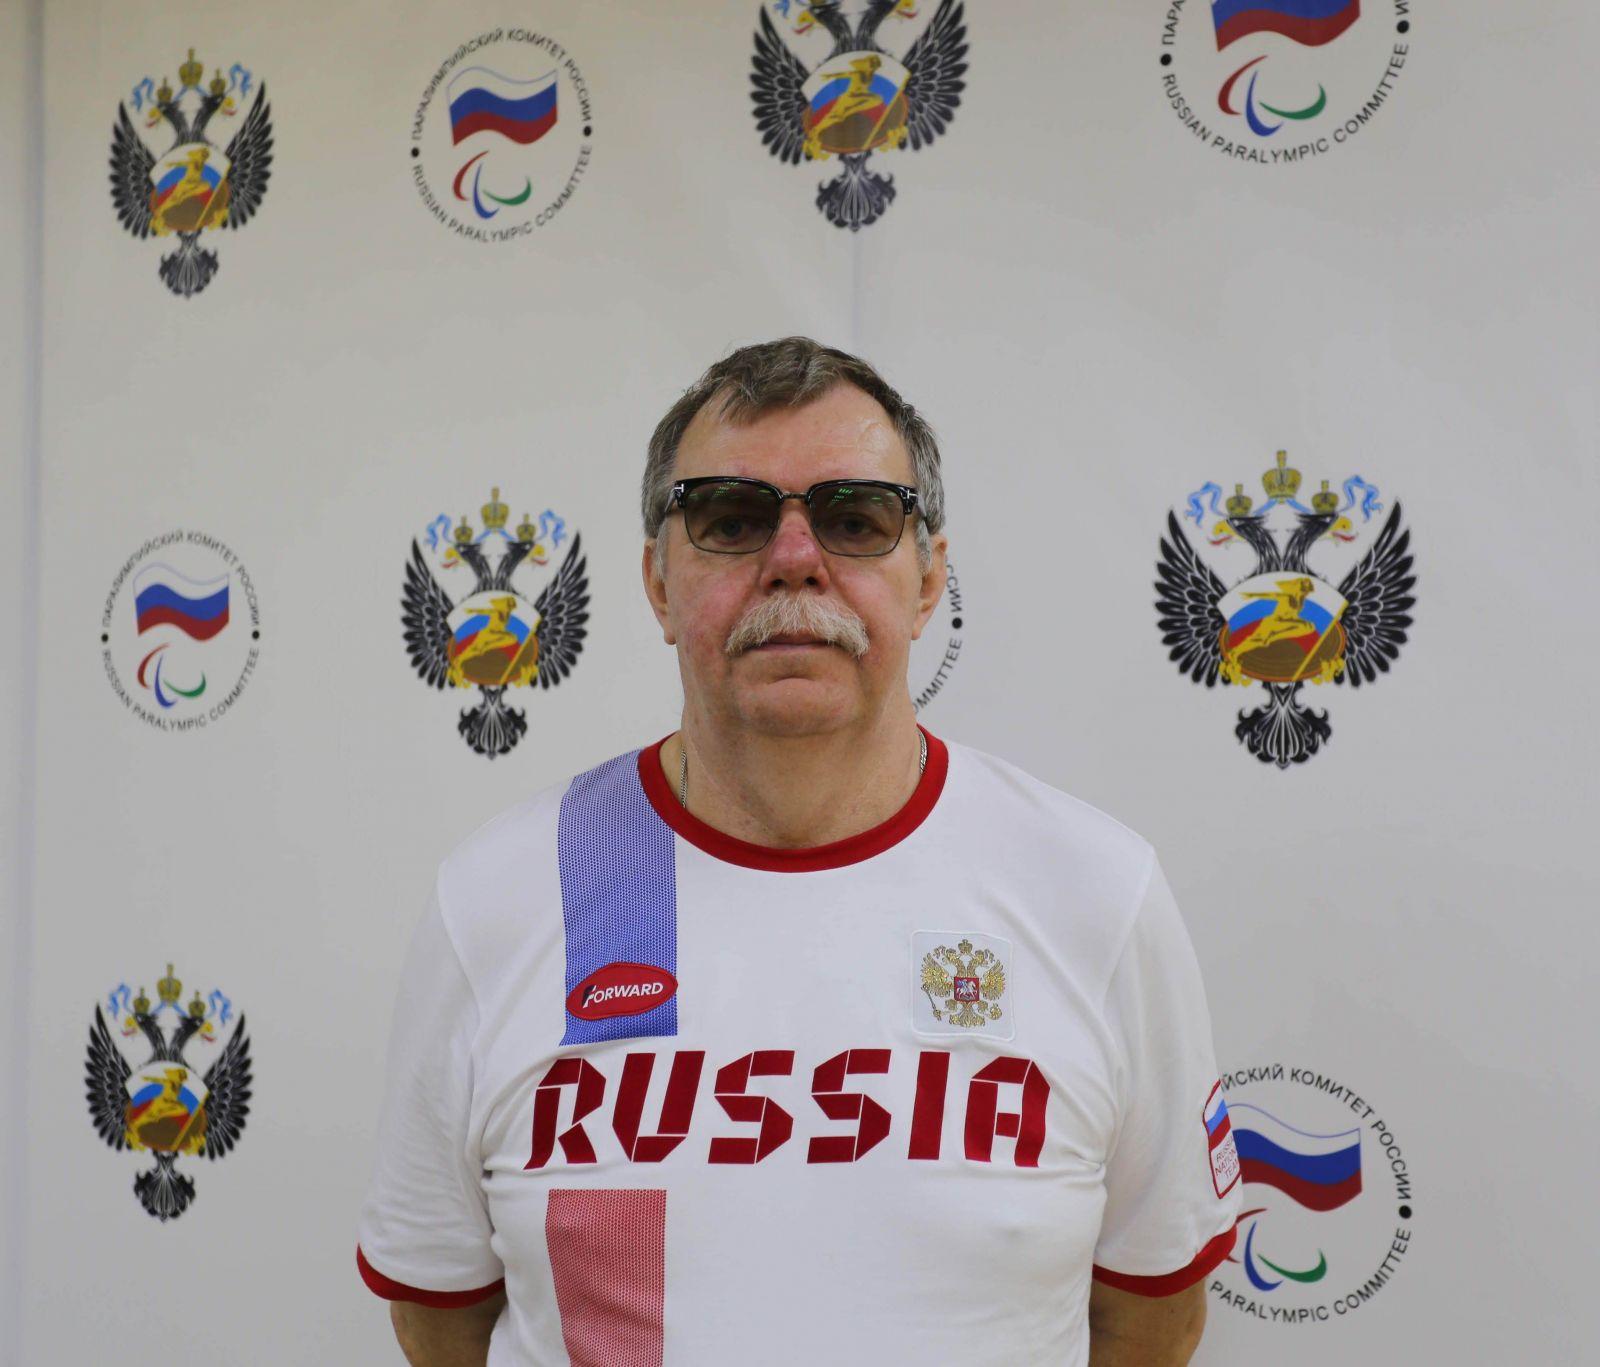 Старший тренер сборной команды России по баскетболу на колясках Д.Б. Оленевский: «На международном турнире в Австрии мы получили игровой опыт, который невозможно получить в России»